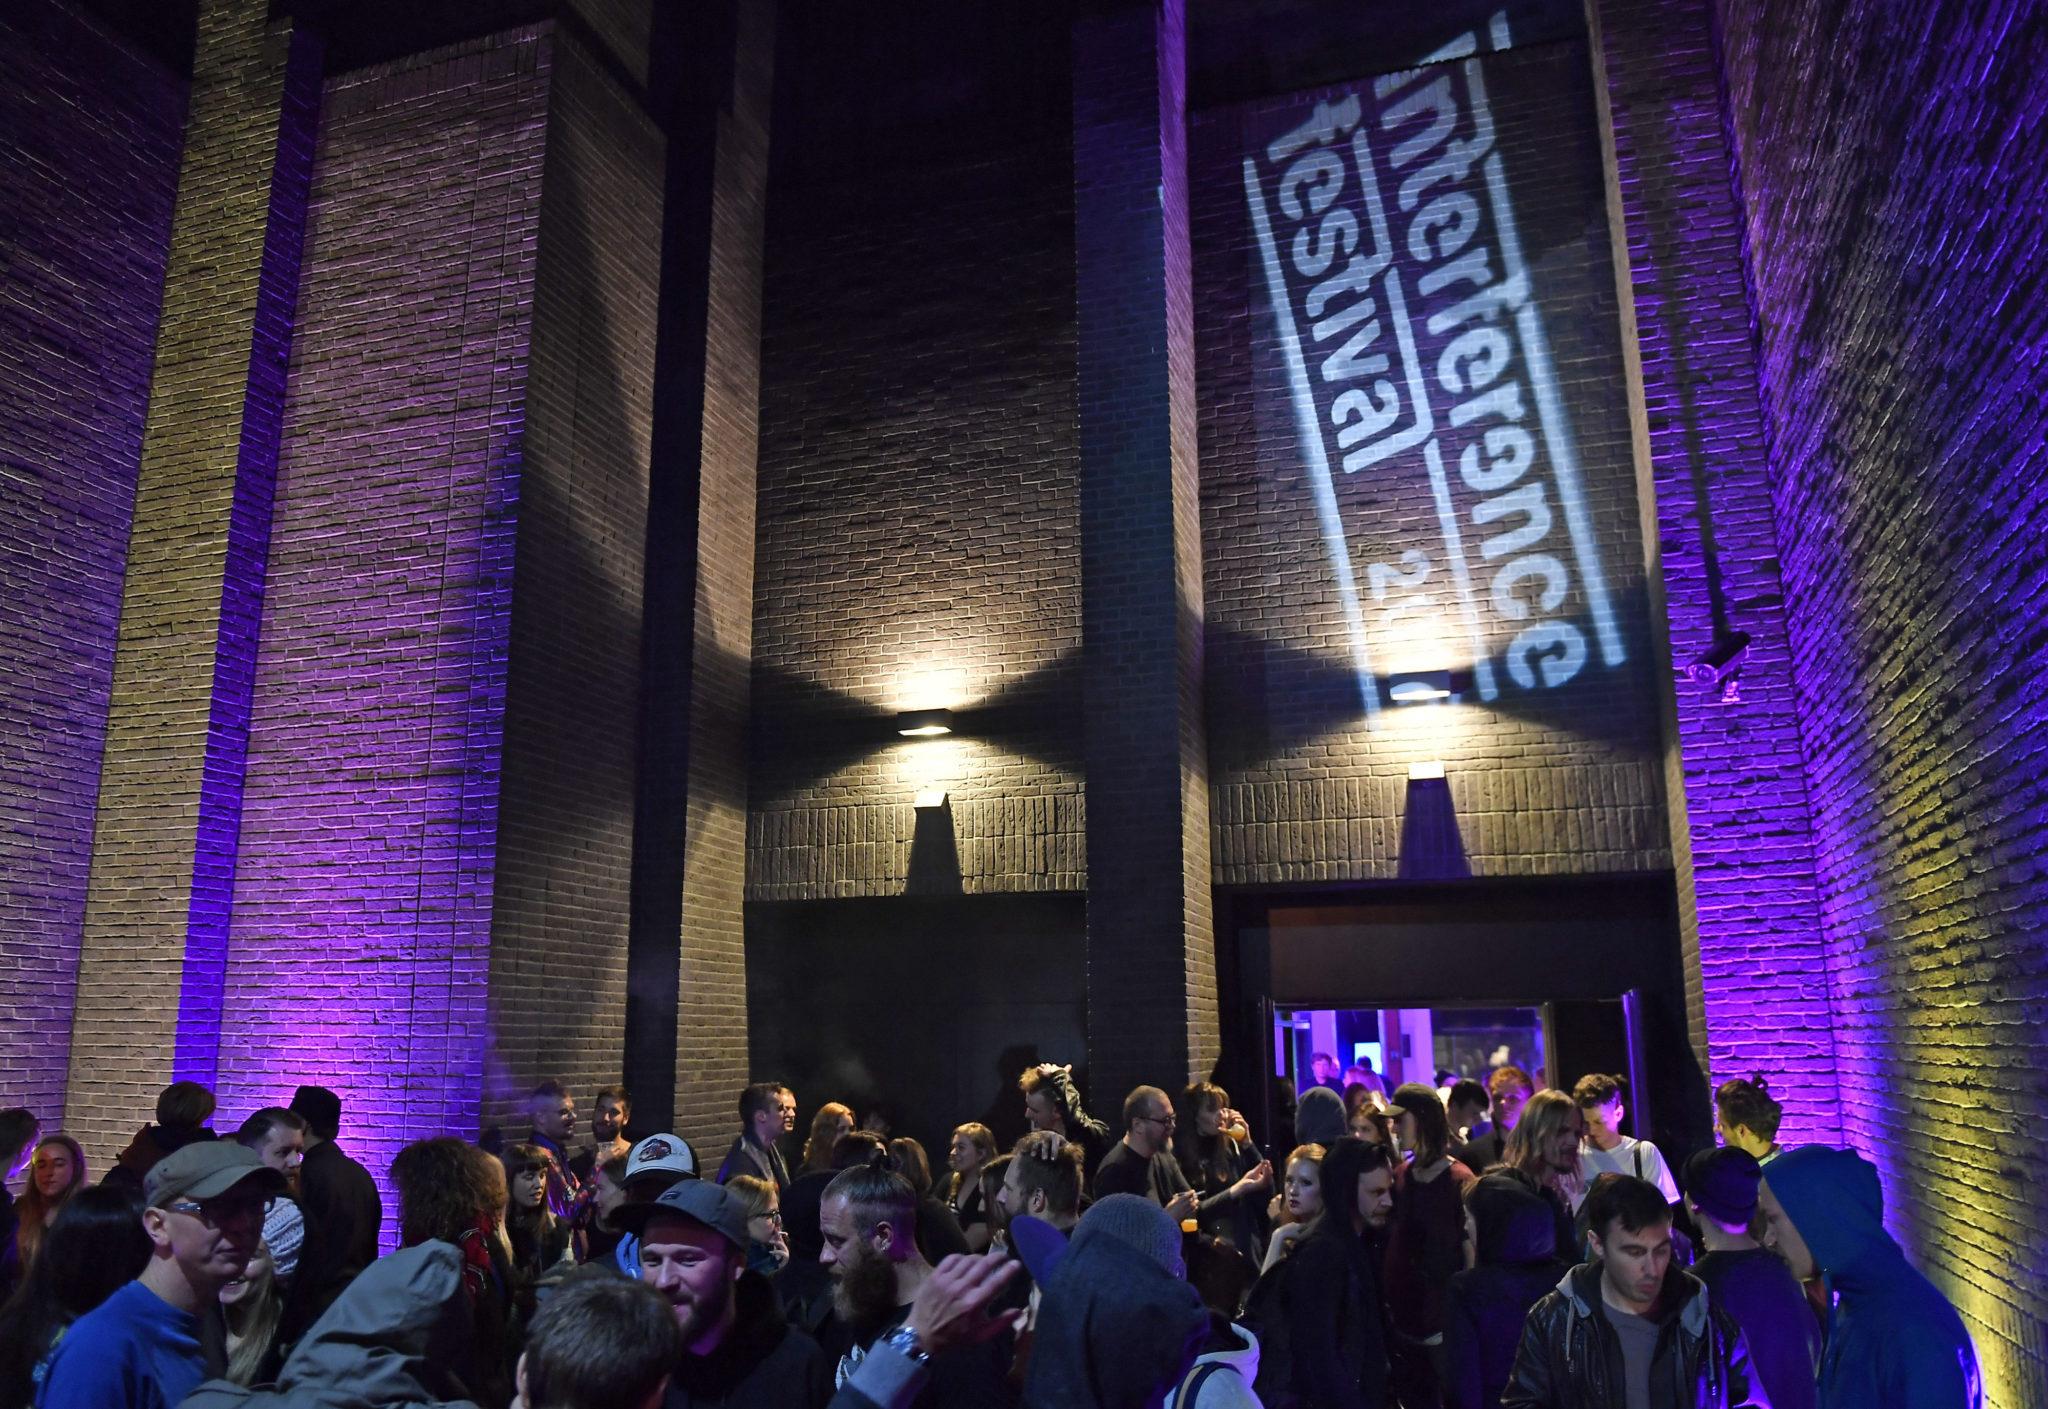 Hala wypełniona ludźmi, na ścianie napis Interference Festival